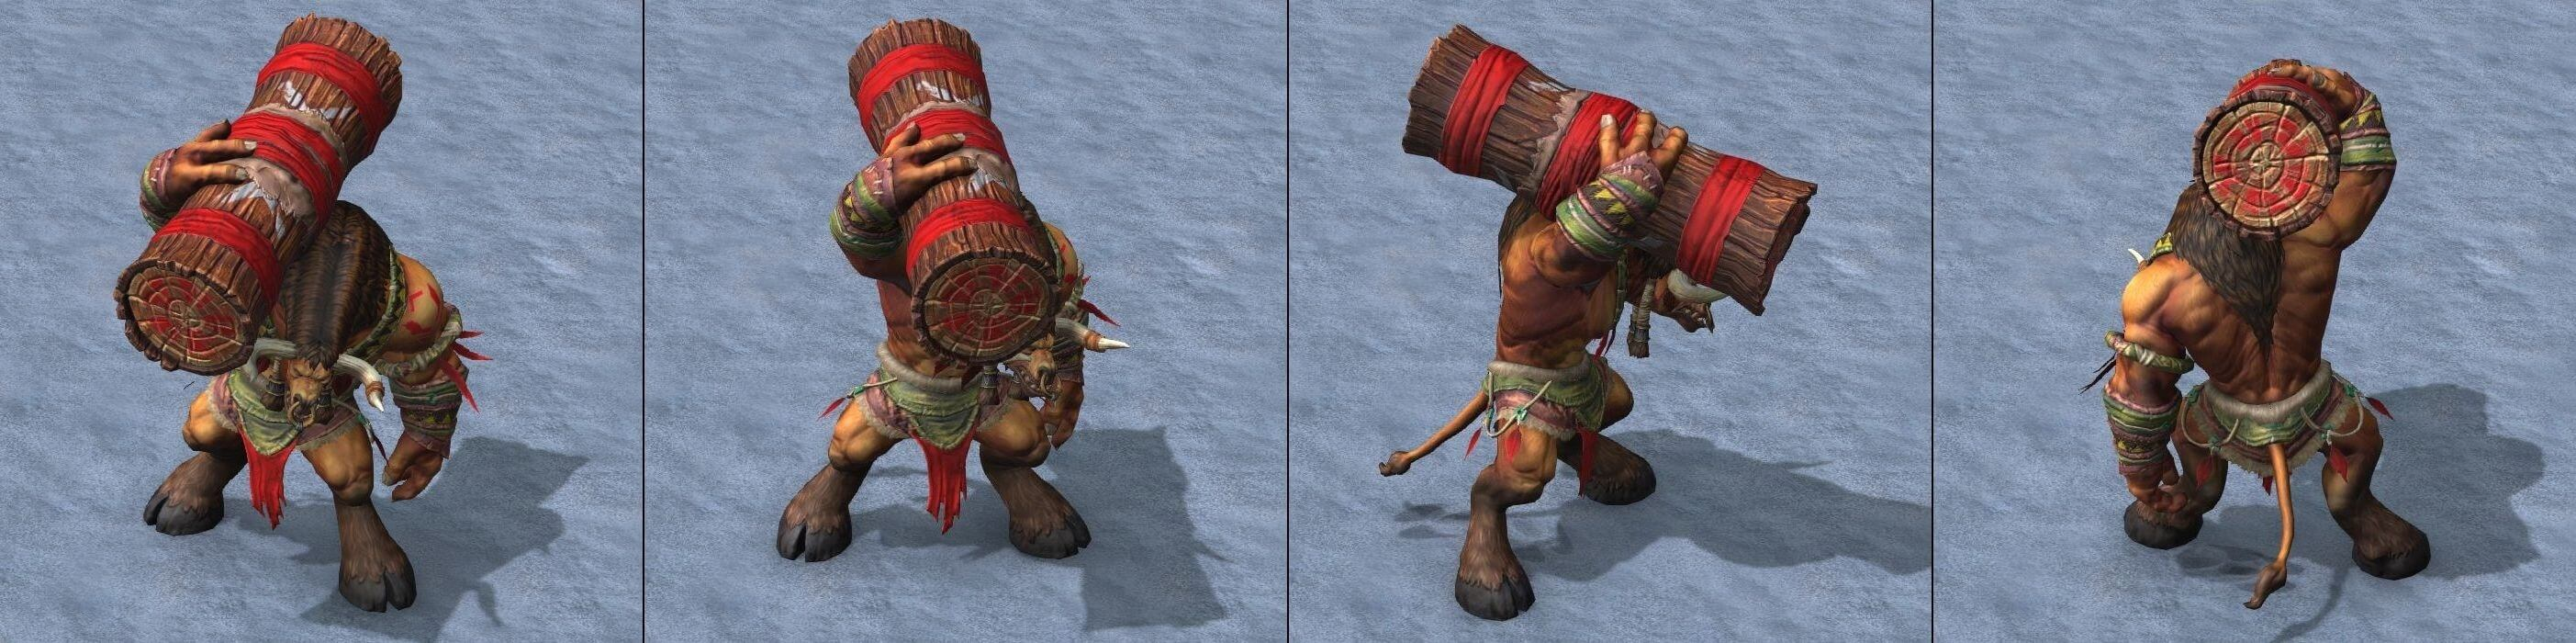 Таурен Warcraft lll